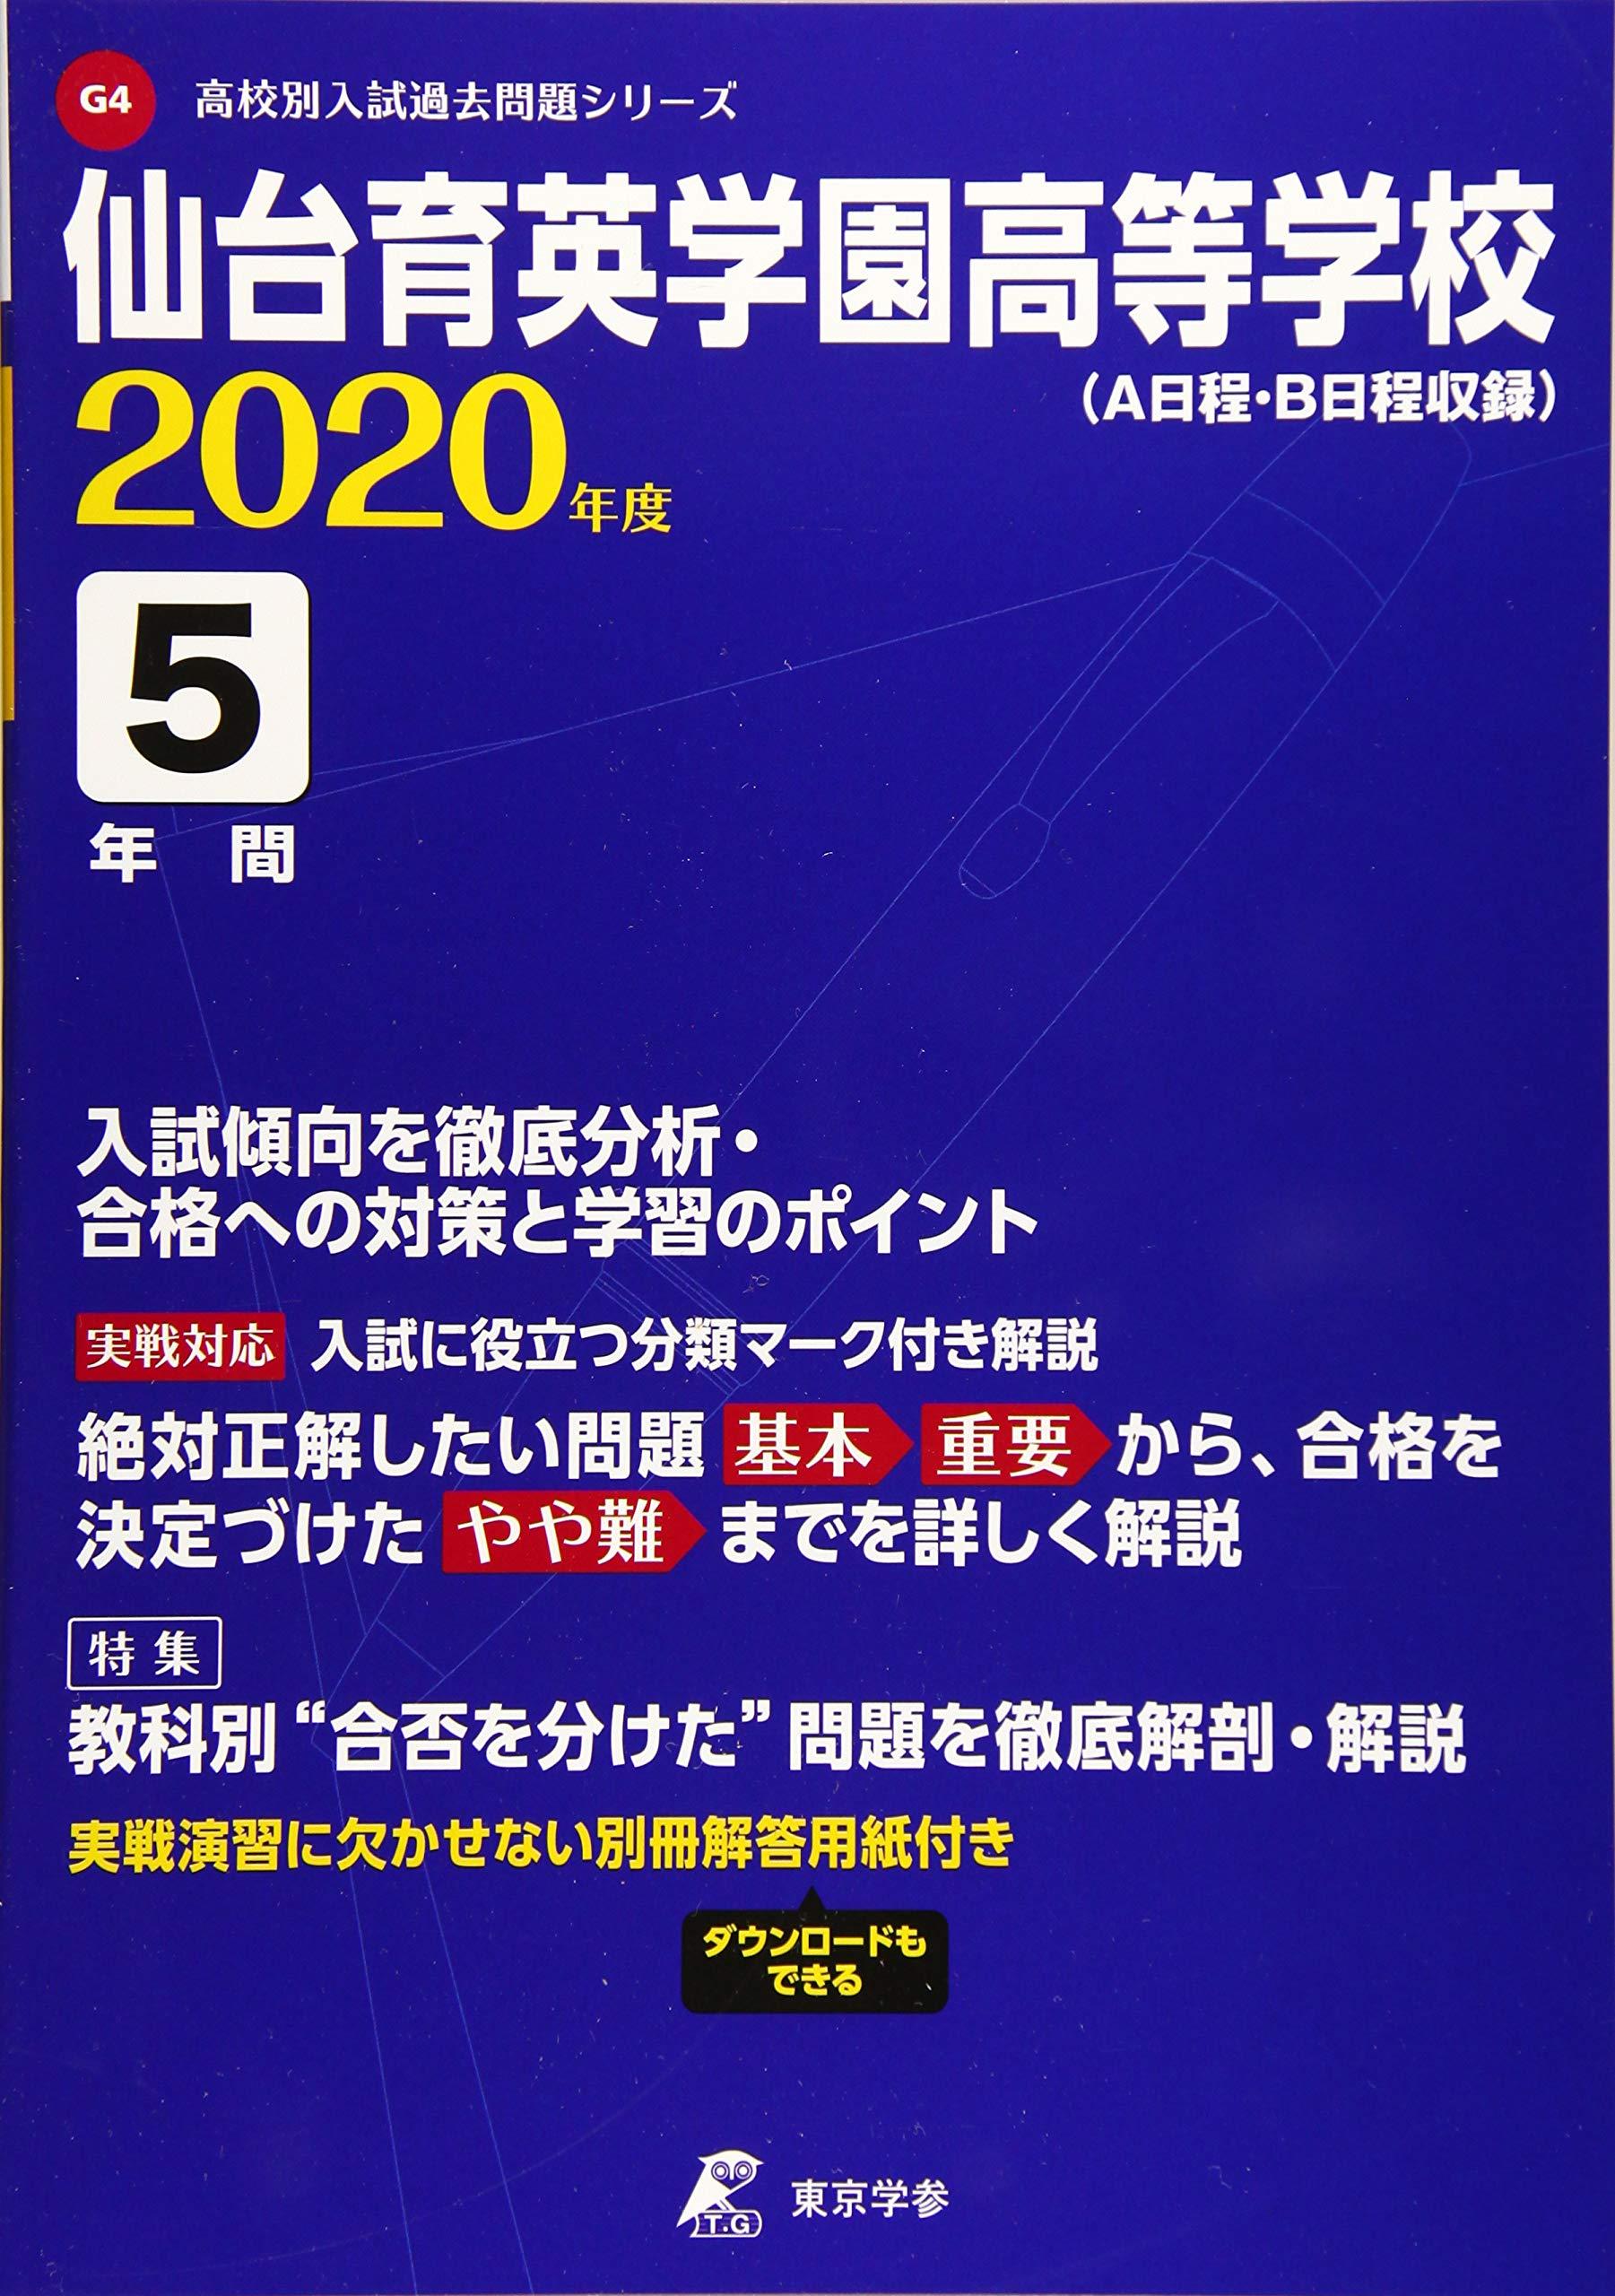 入試 高校 県 2020 日程 私立 栃木